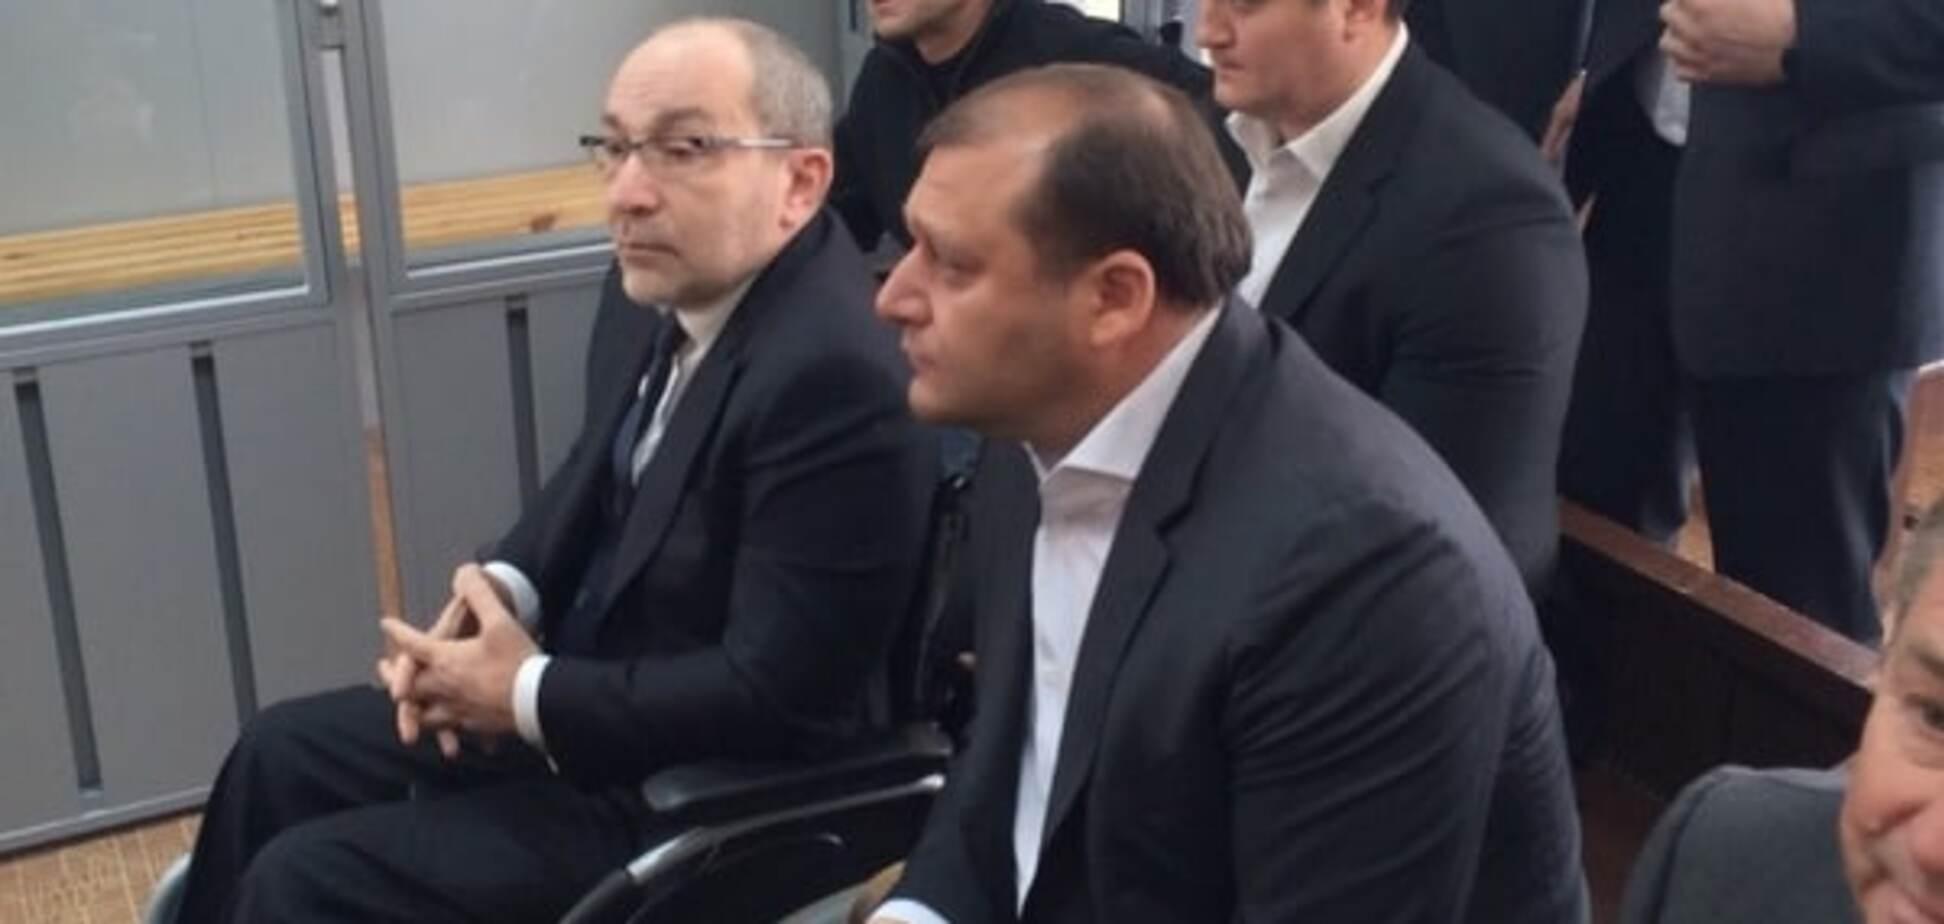 'Было сопротивление': ГПУ, СБУ и 'Альфа' пришли с обысками к Кернесу, к Добкину пока не попали